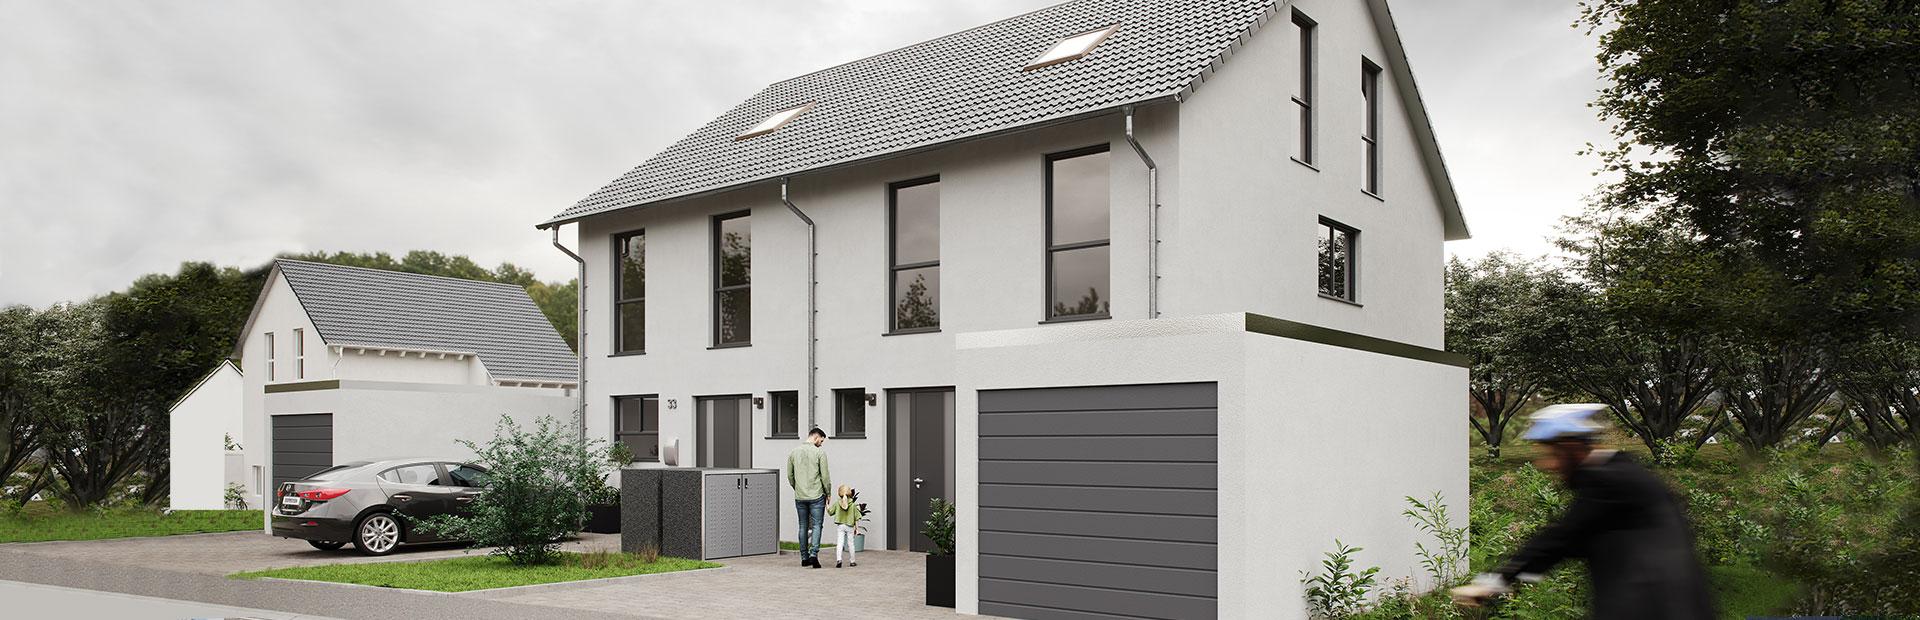 Doppelhaushälfte als Fertighaus bauen